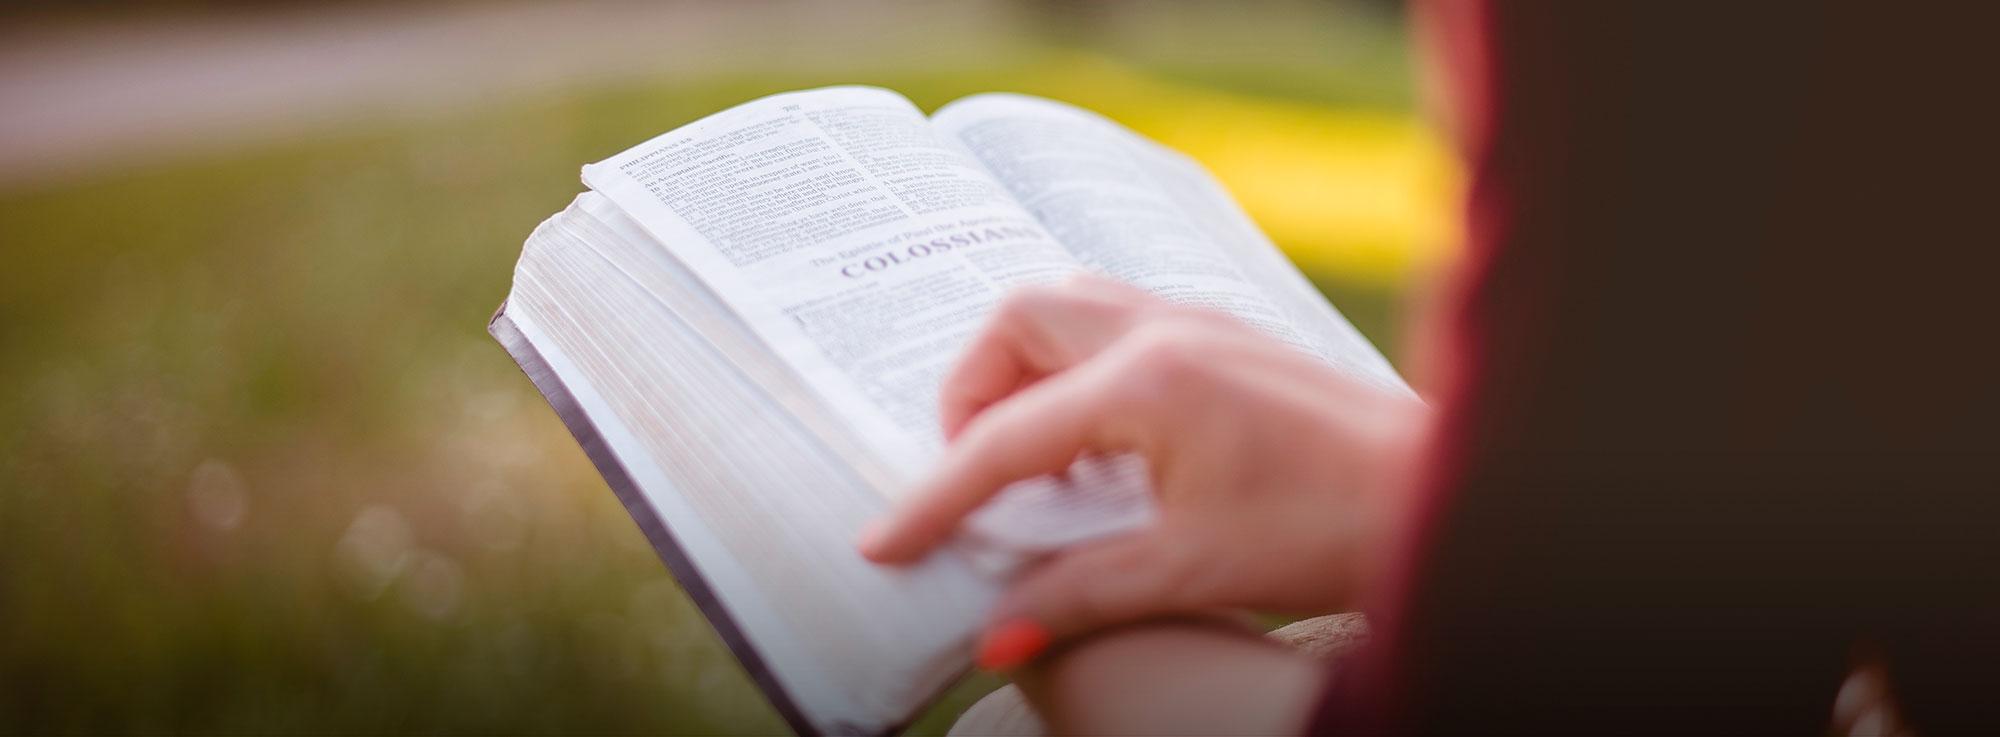 Barletta: Il maggio dei libri